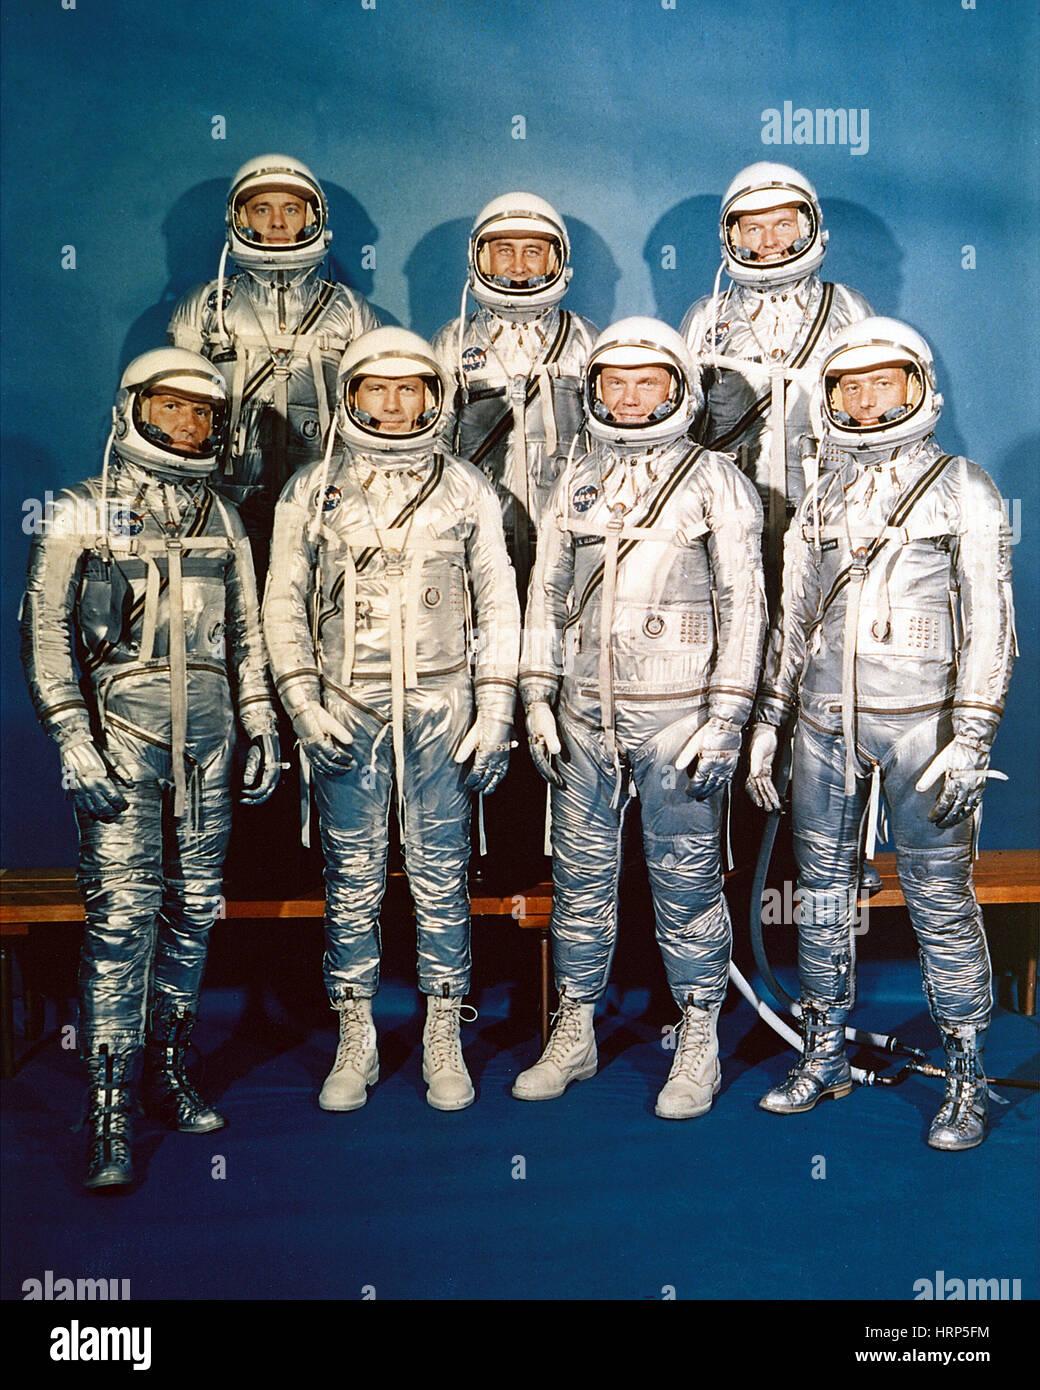 Mercury Seven, 1959 - Stock Image